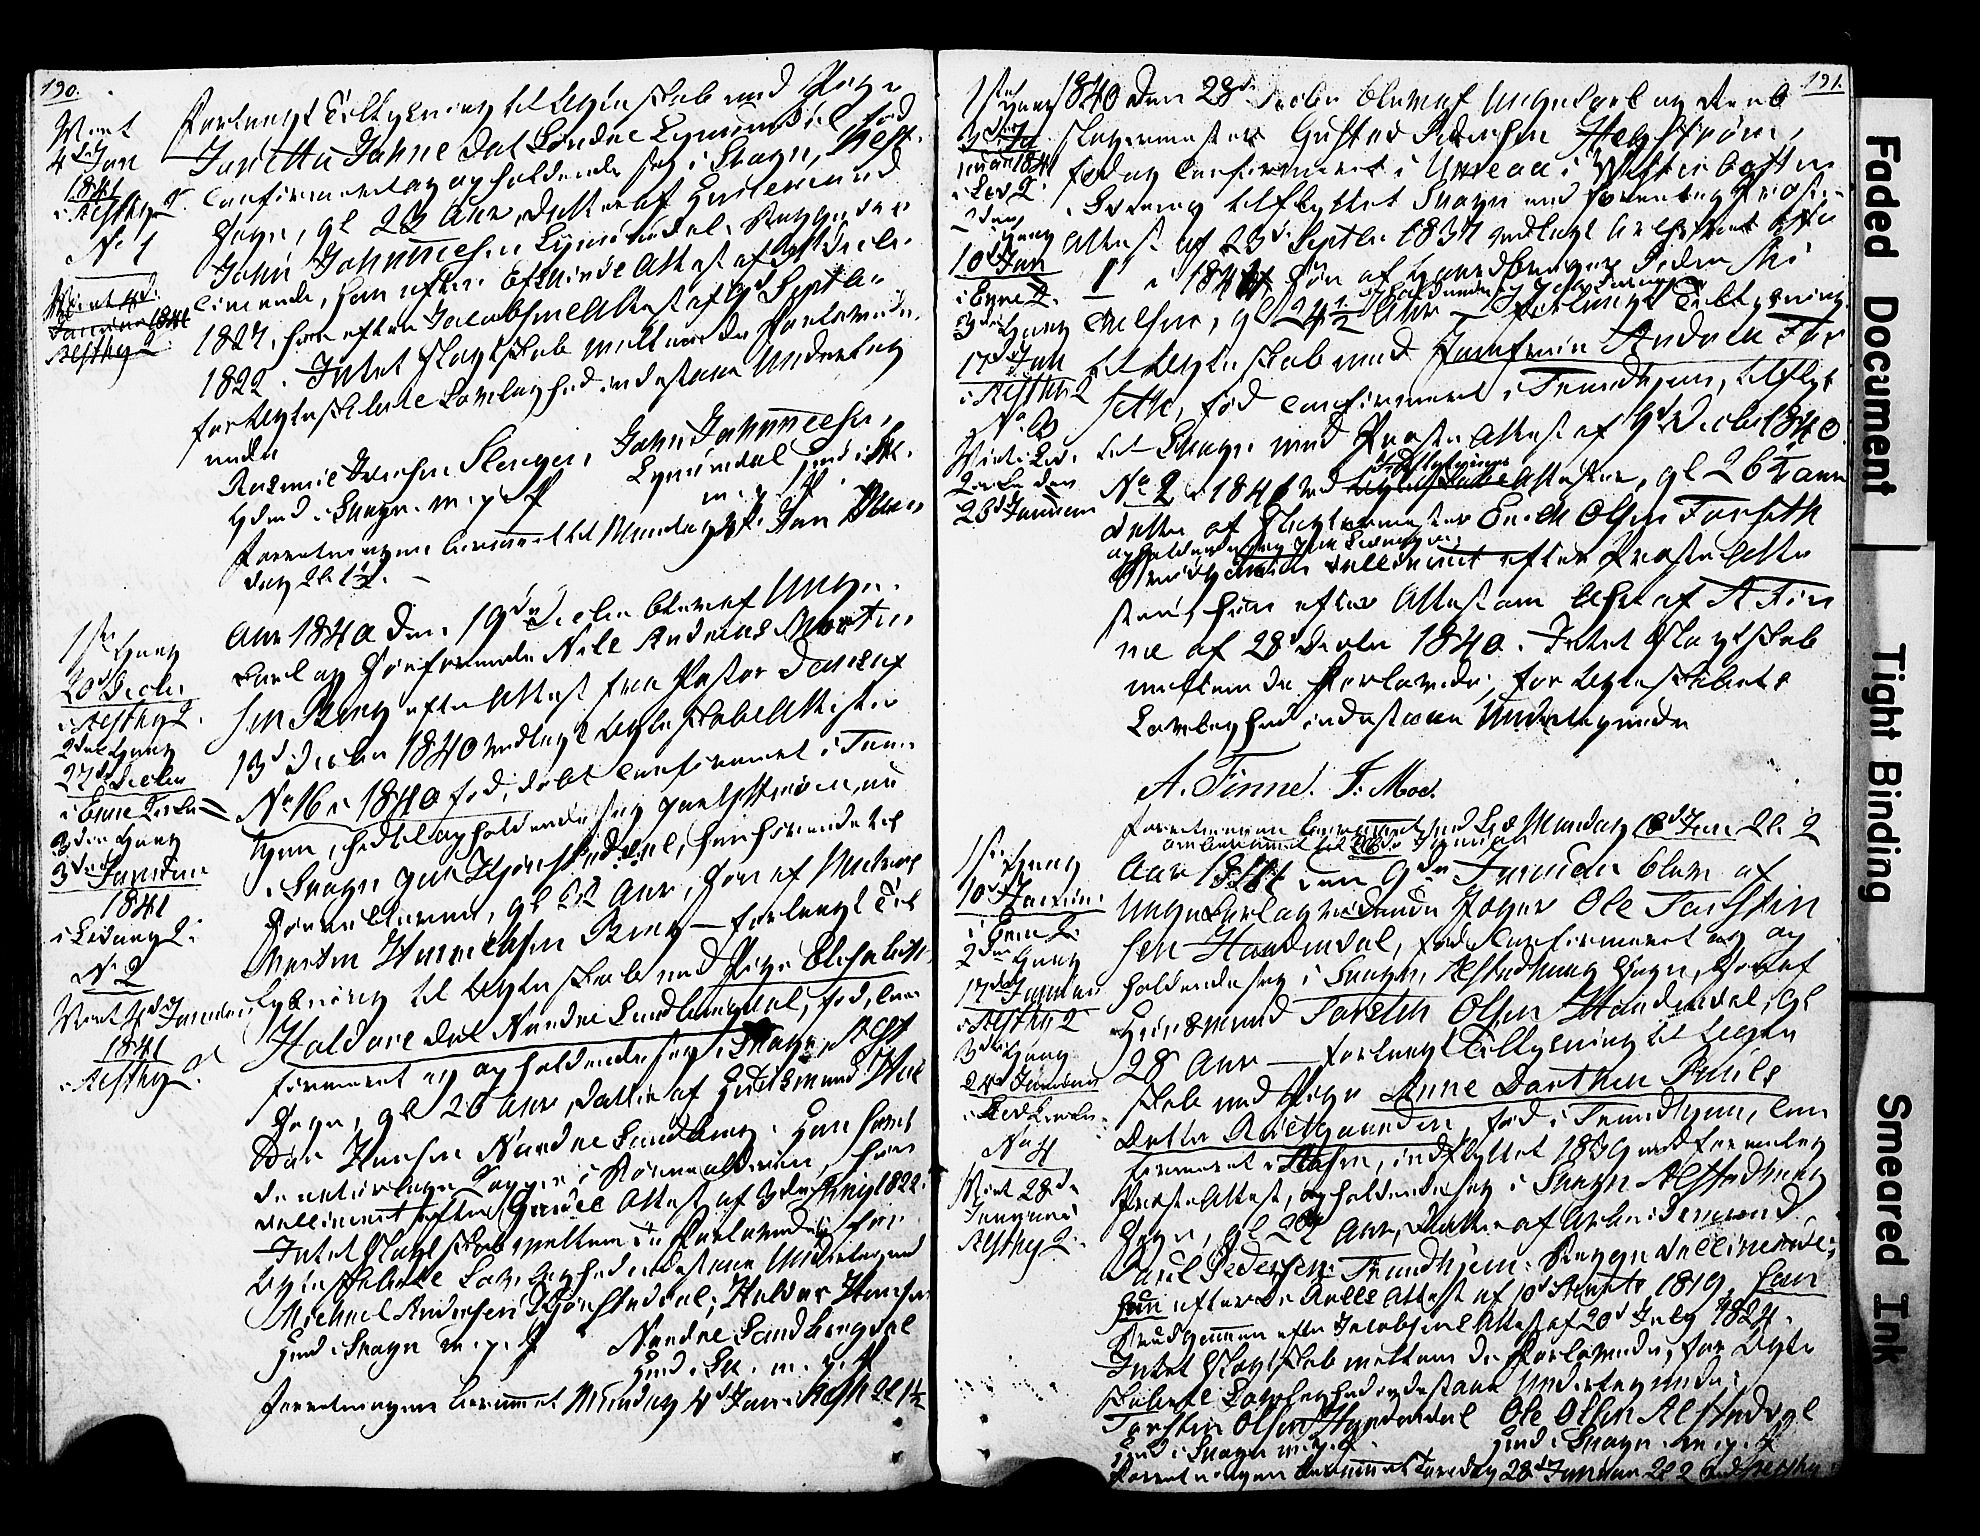 SAT, Ministerialprotokoller, klokkerbøker og fødselsregistre - Nord-Trøndelag, 717/L0160: Forlovererklæringer nr. 717A10, 1828-1850, s. 190-191